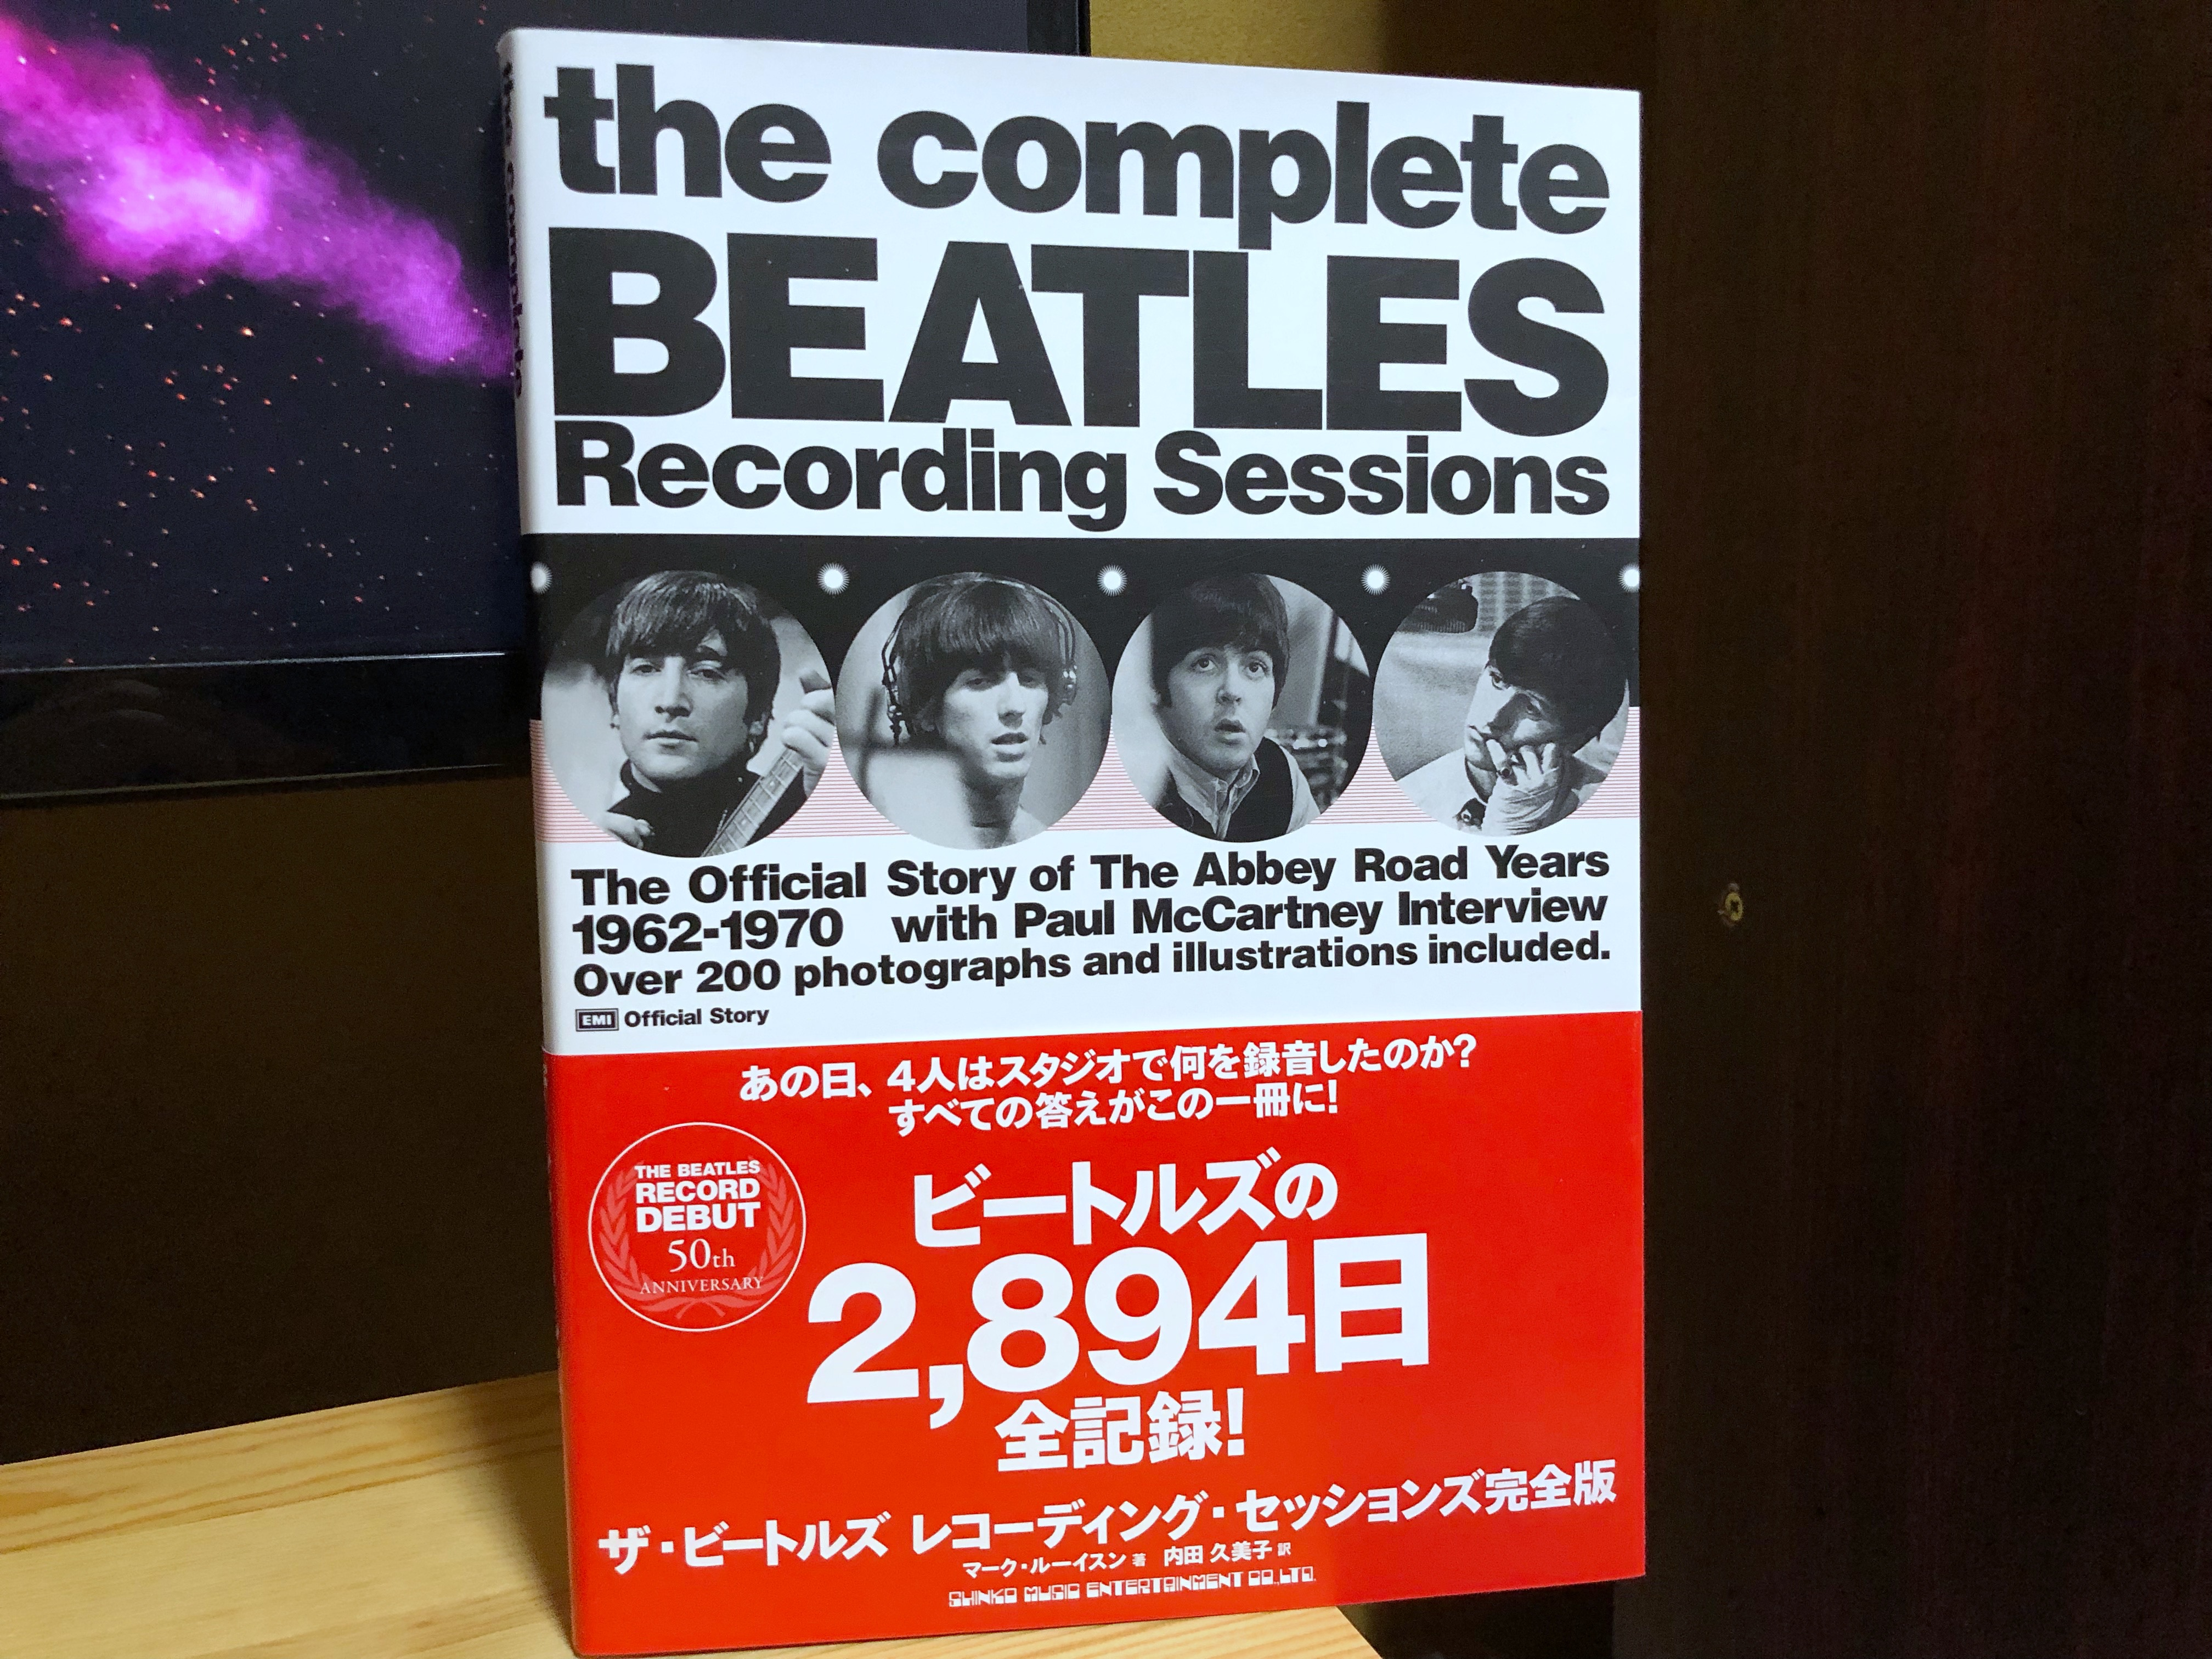 ザ・ビートルズ・レコーディング・セッションズ recording